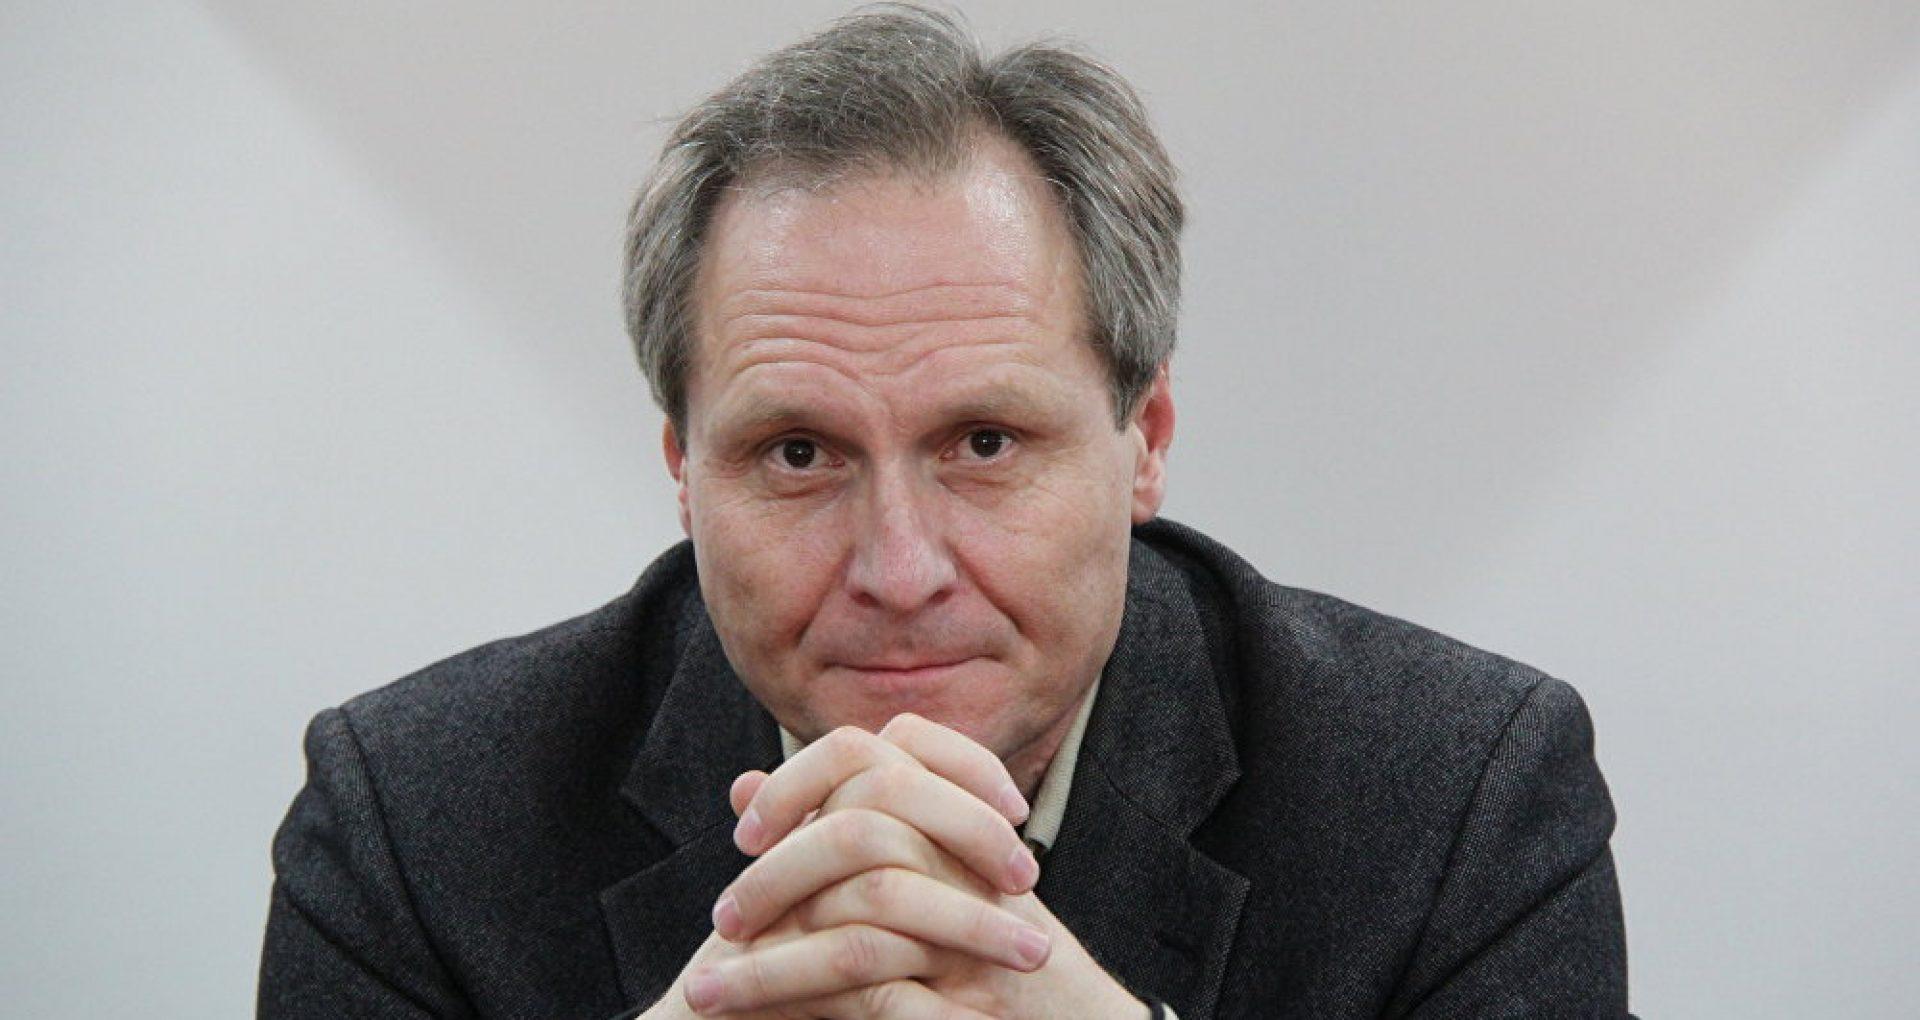 Dumitru Braghiș a fost desemnat de Guvern în calitate de ambasador al R. Moldova în Republica Socialistă Vietnam